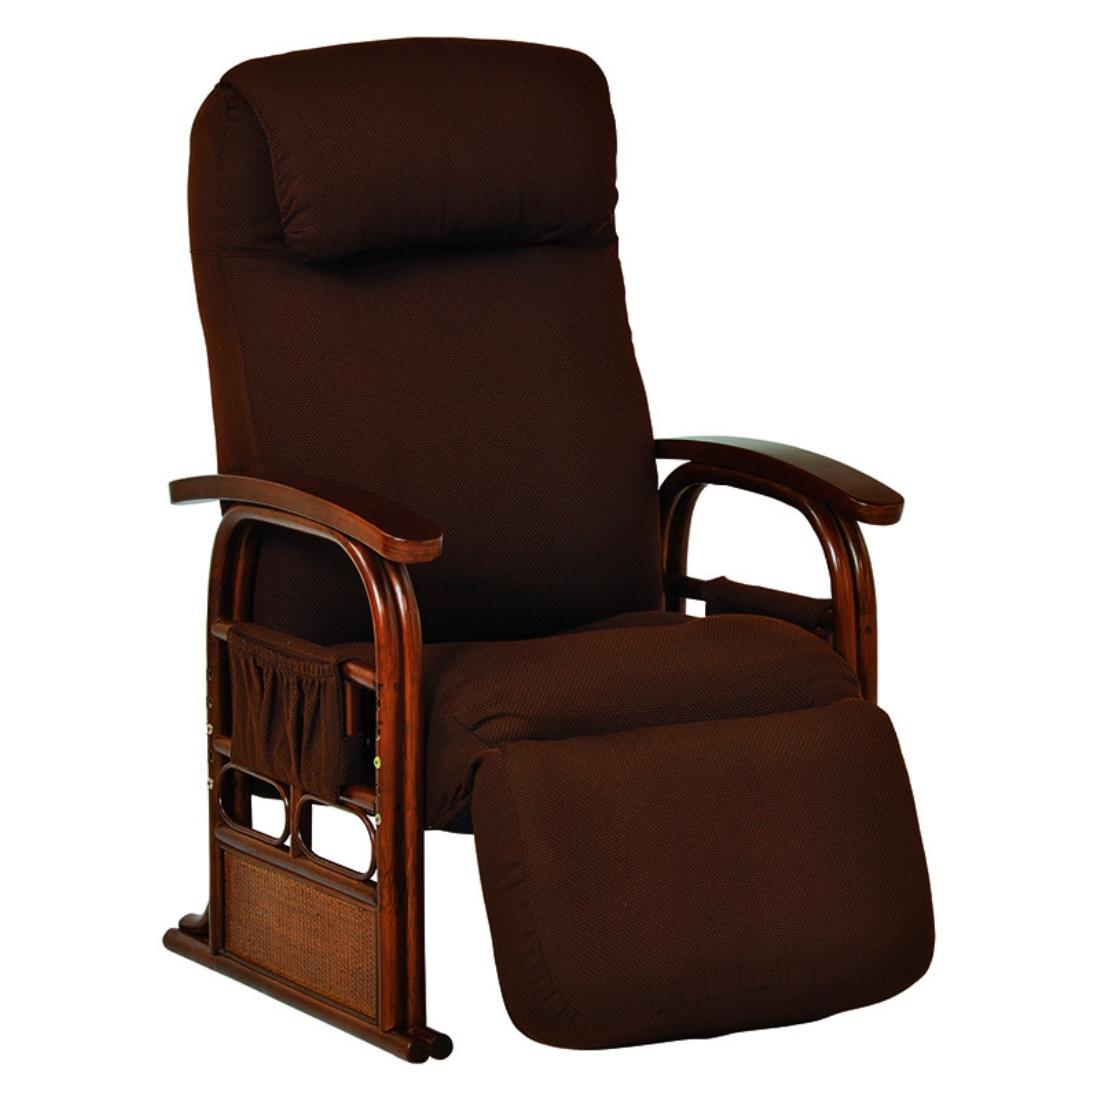 「送料無料」インテリア家具 ギア付き 回転 座椅子 ソファ 椅子 チェア チェアー